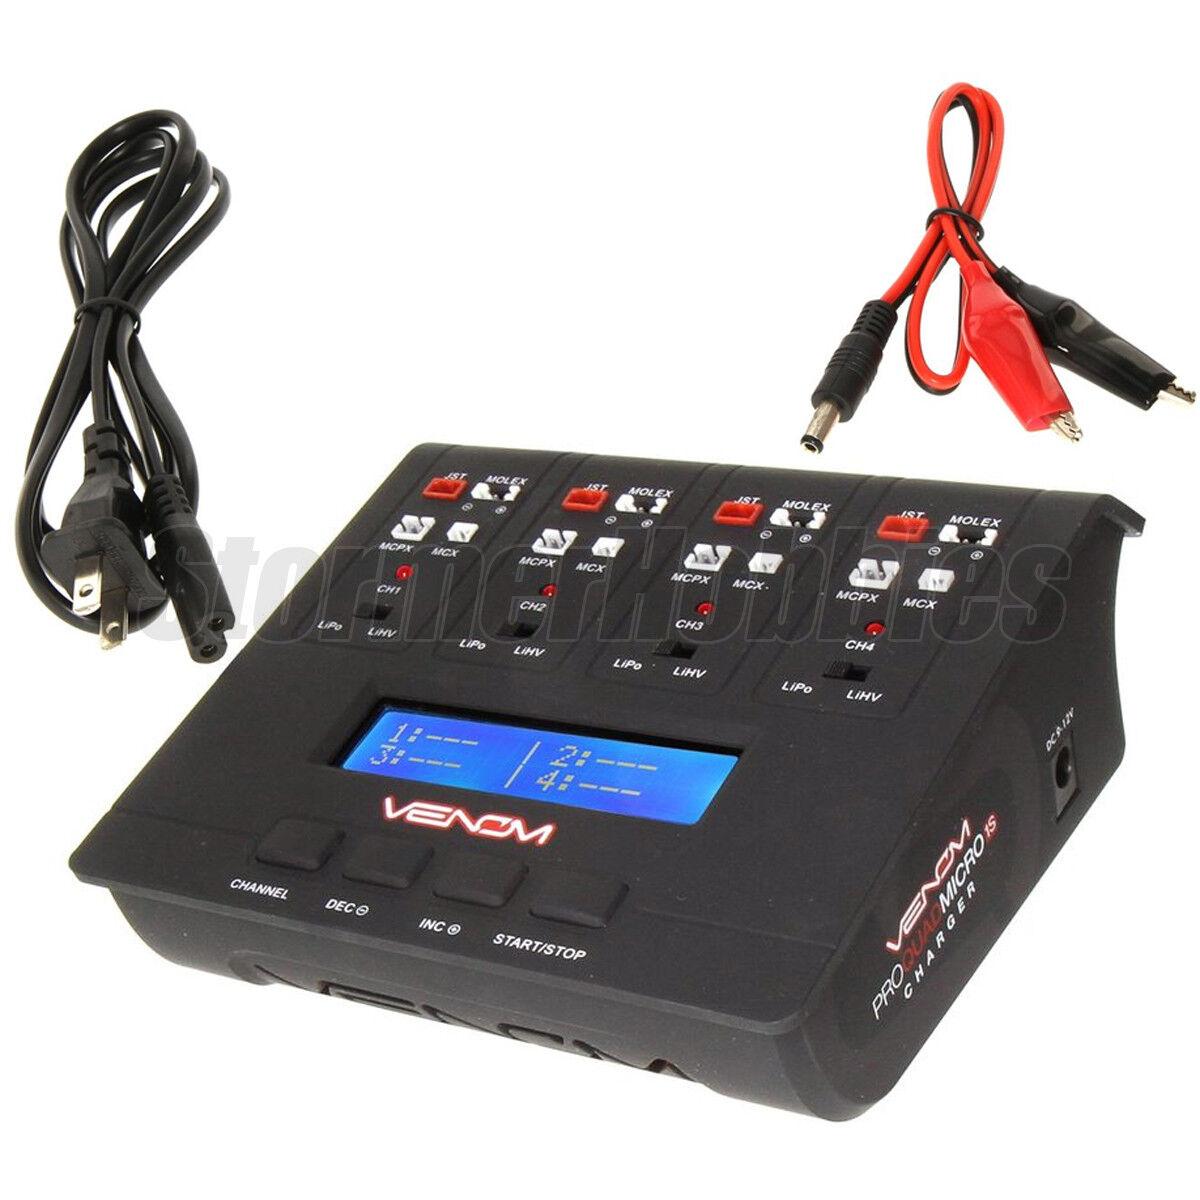 Venom Pro Quad Micro 1S 4 Channel AC/DC LiPo & LiHV Battery